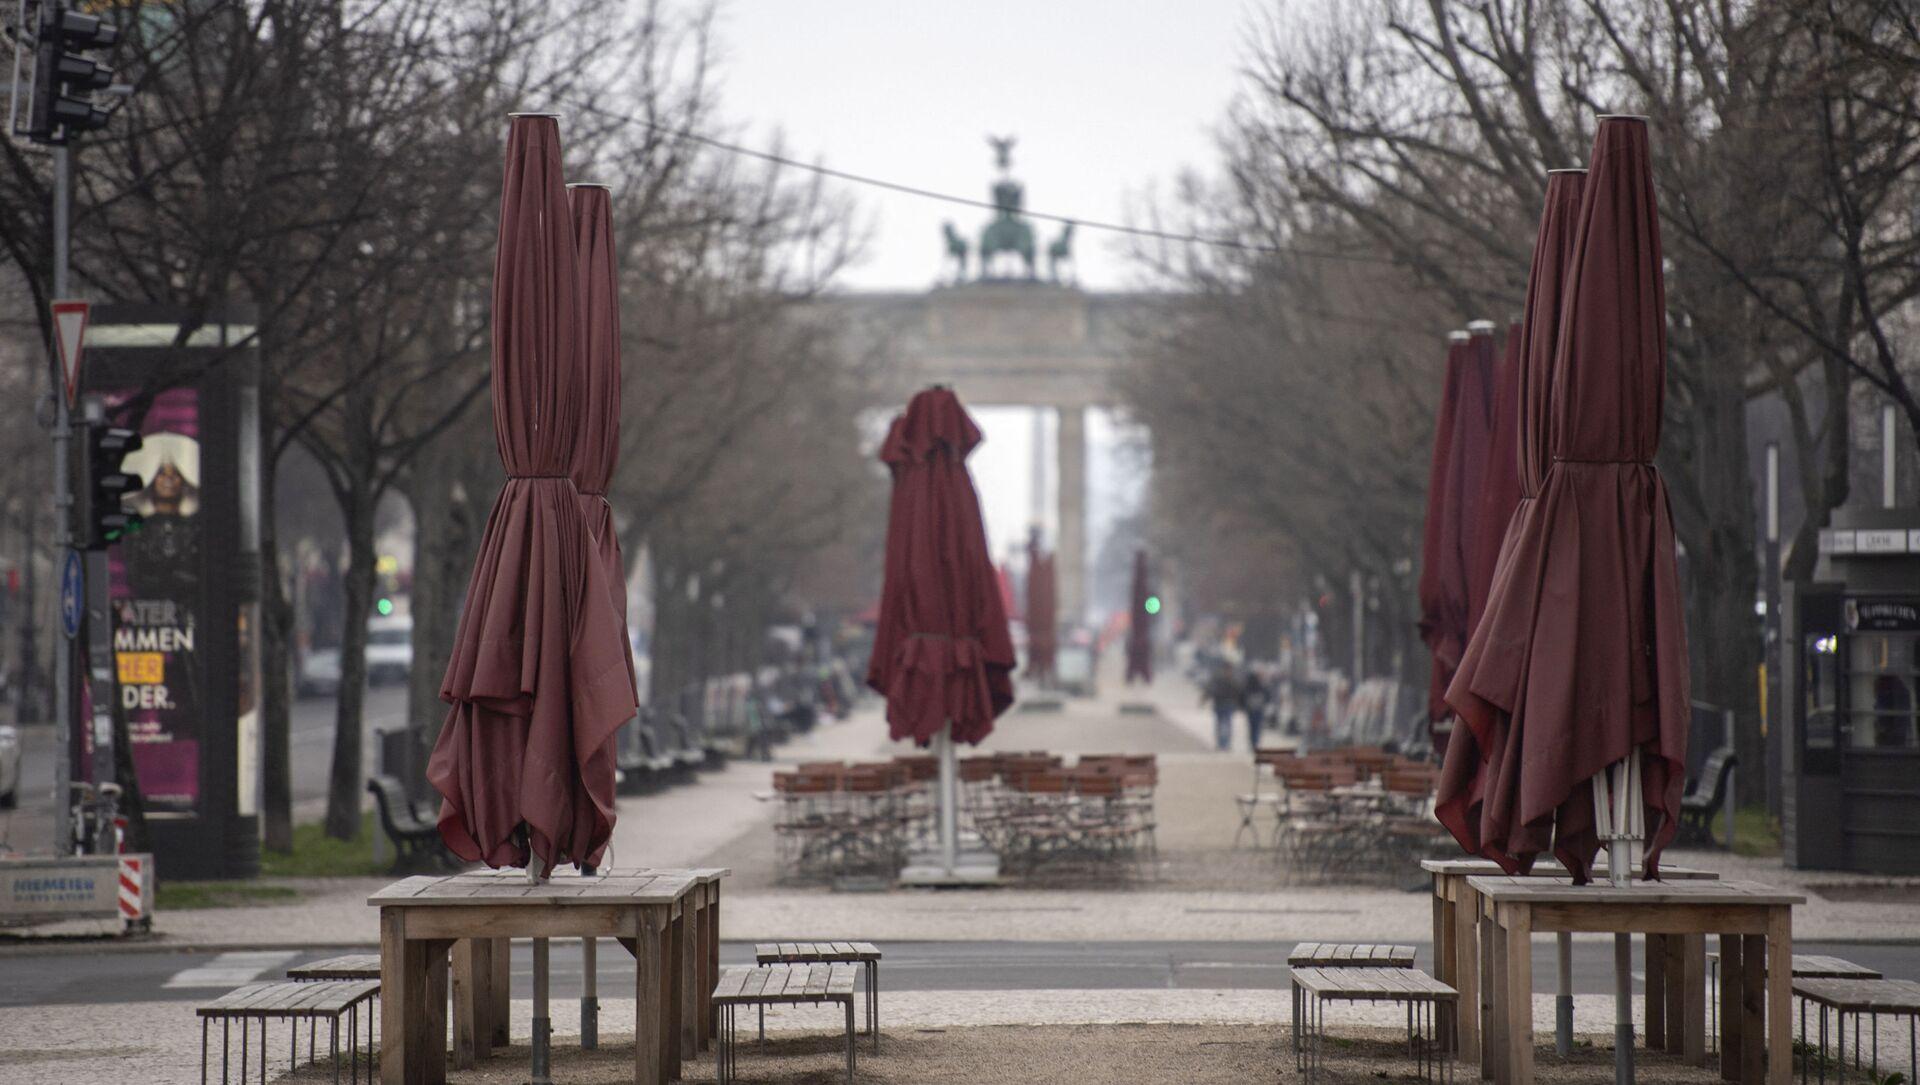 Đại lộ vắng người trước cổng Brandenburg ở Berlin, Đức. - Sputnik Việt Nam, 1920, 04.04.2021